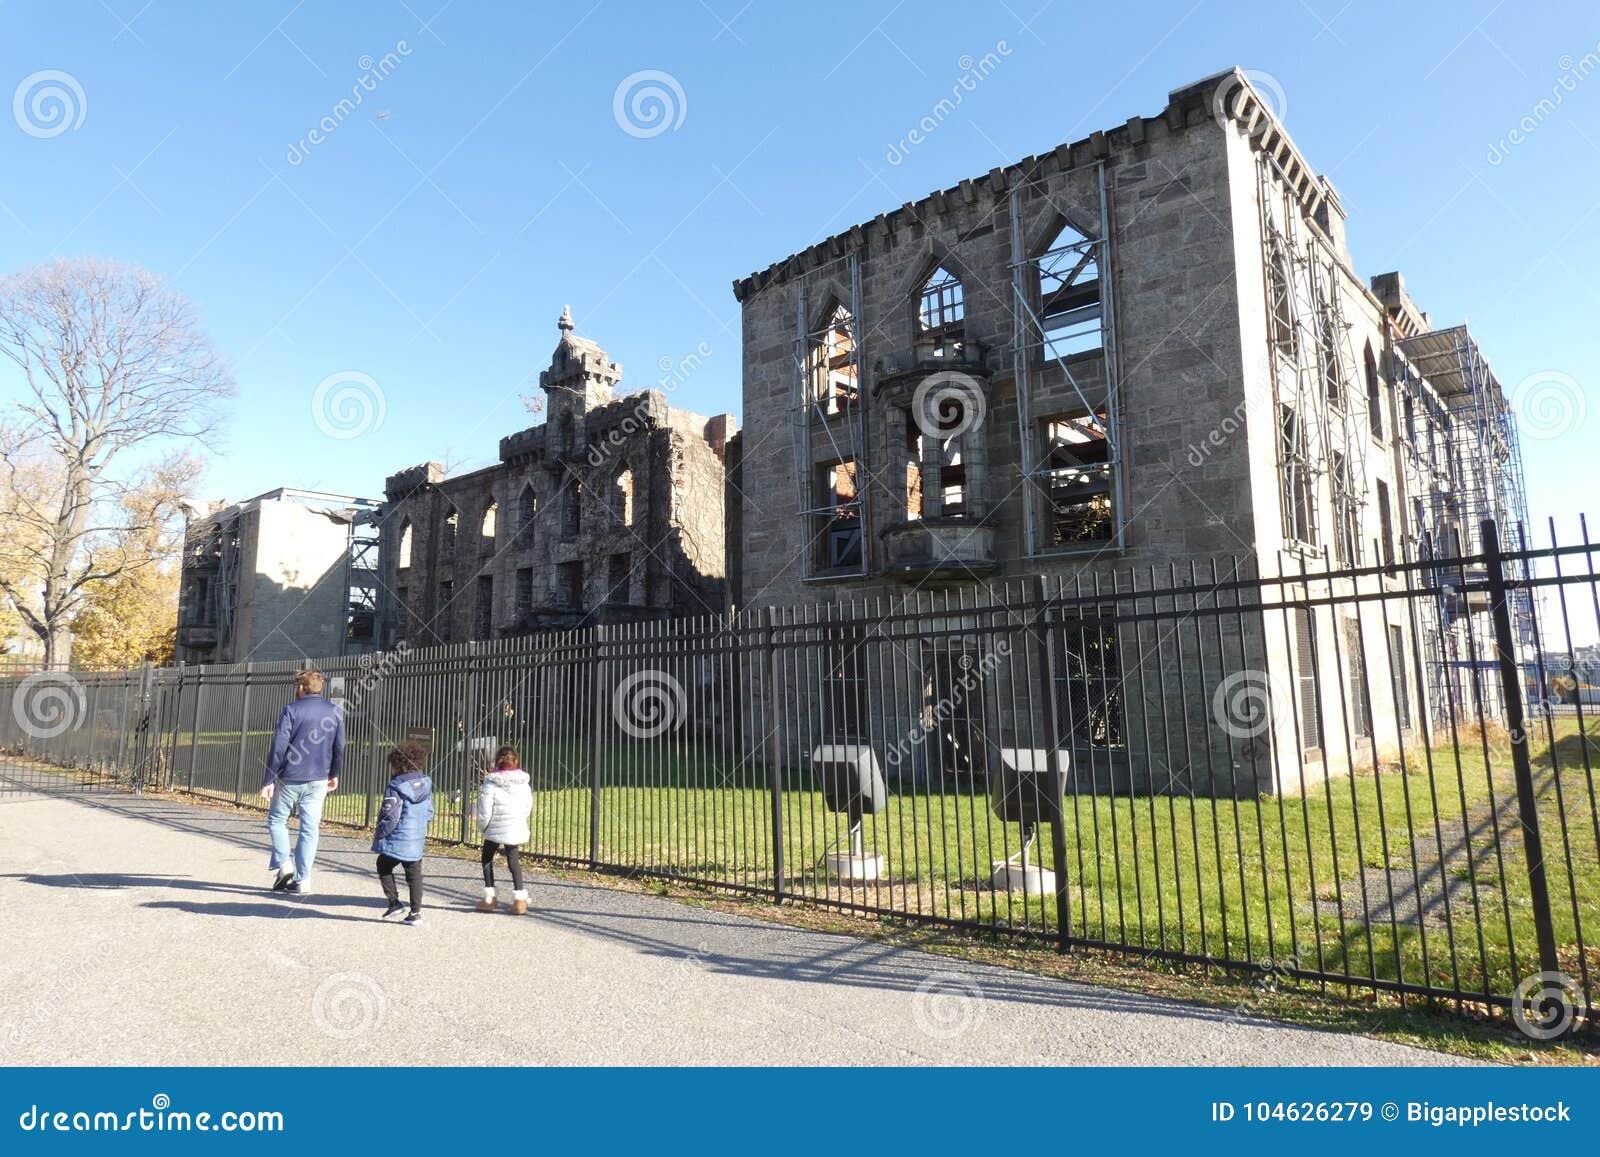 Download Het pokkenziekenhuis redactionele stock afbeelding. Afbeelding bestaande uit gebouwen - 104626279